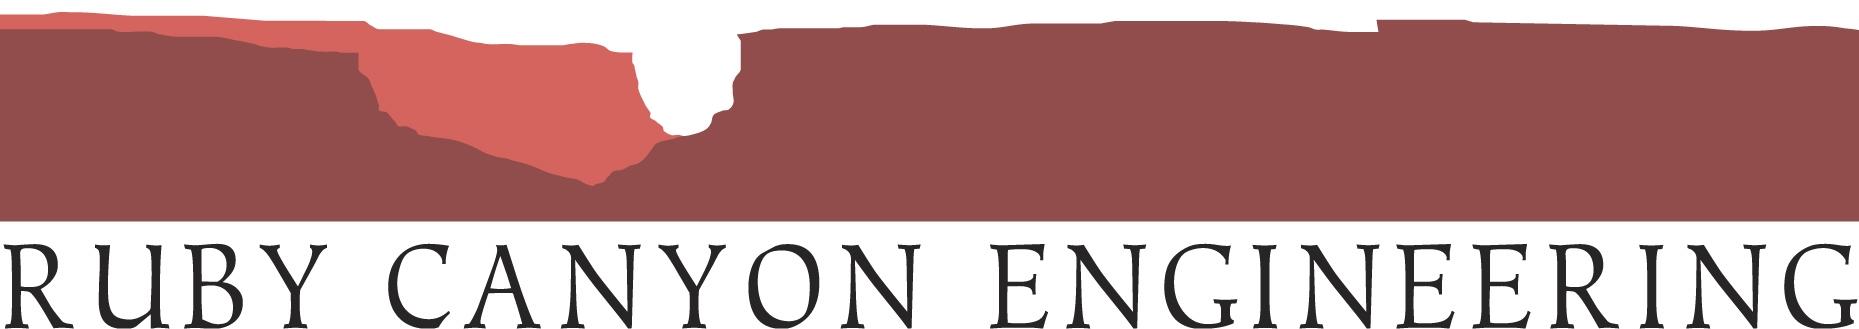 rubycanyon-logo